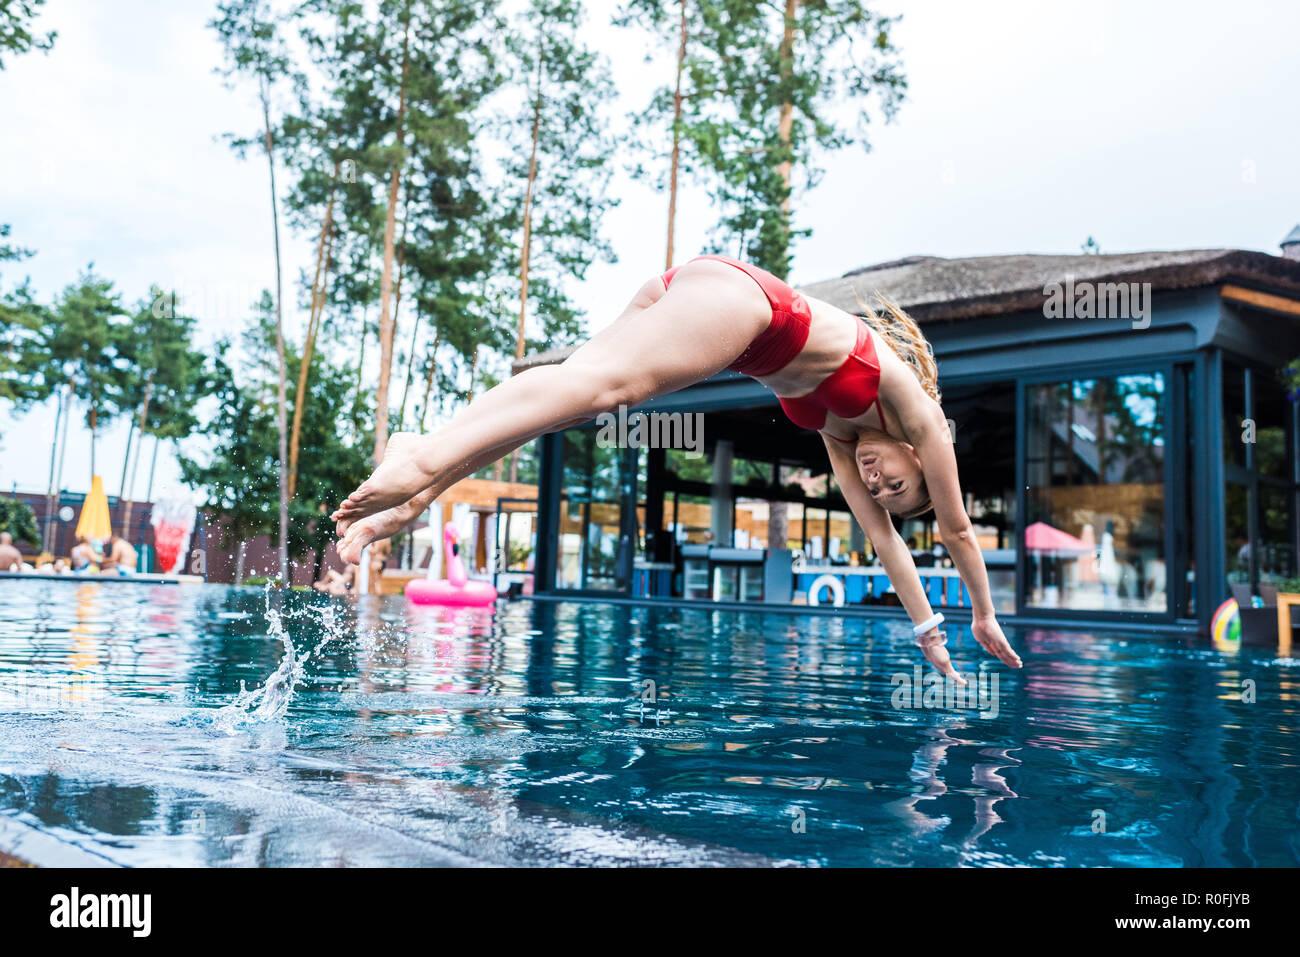 Mujer joven en bañador rojo saltando a la piscina Imagen De Stock